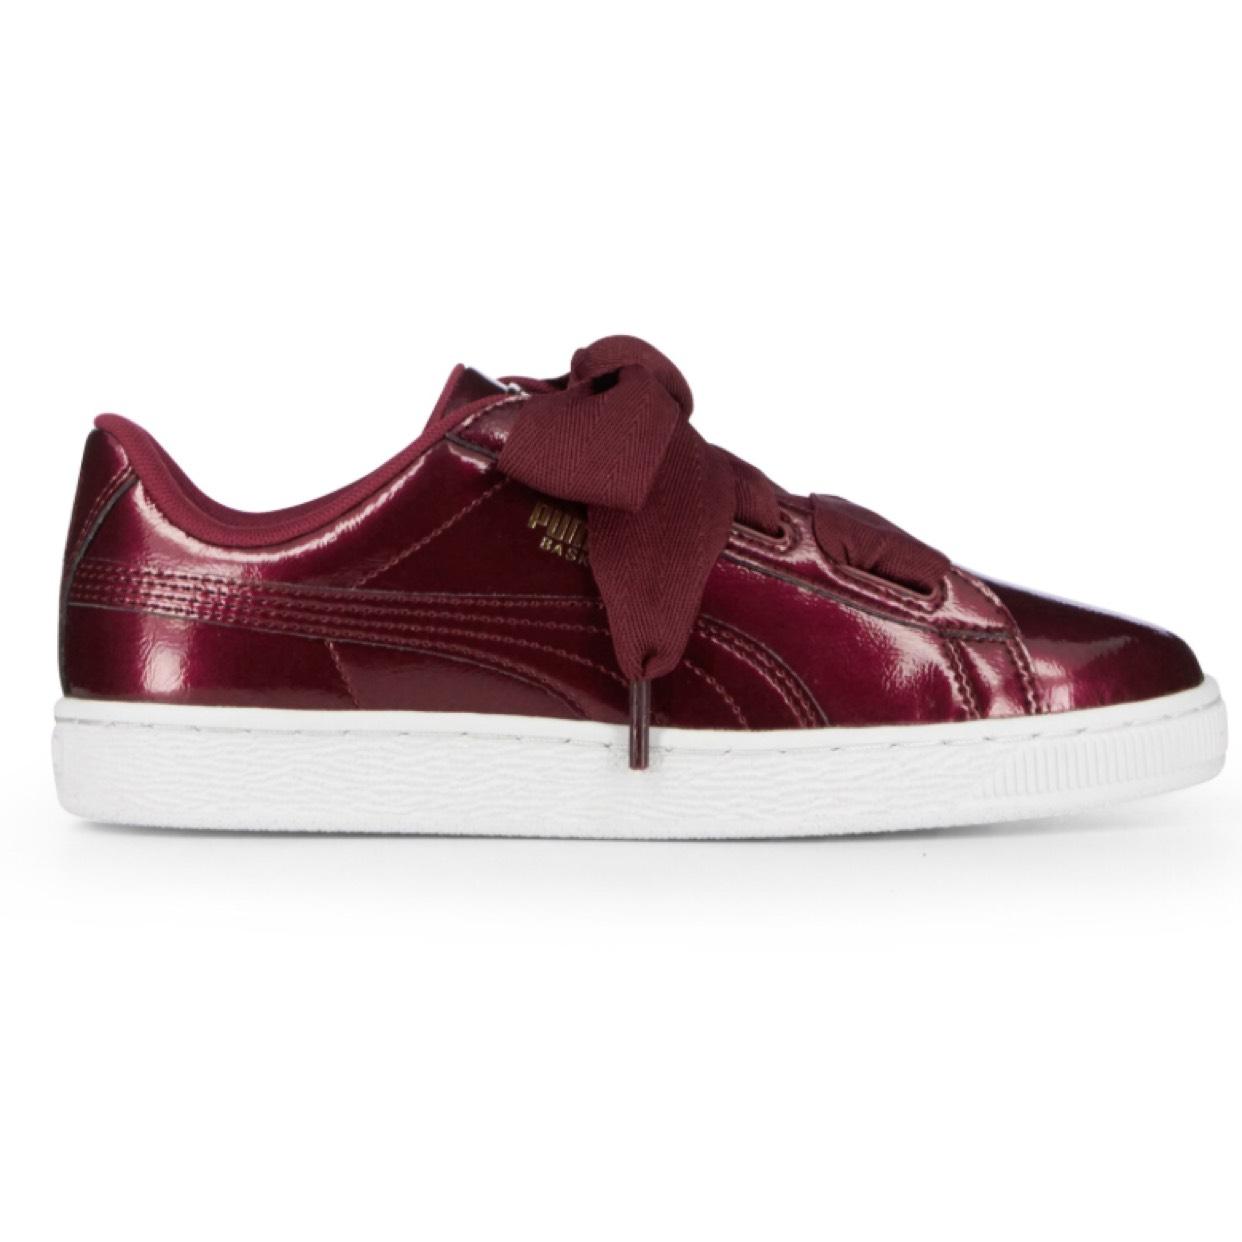 Promotion sur une sélection de chaussures (Puma, Nike...) - Ex: Baskets femme Puma Heart Patent - Rouge